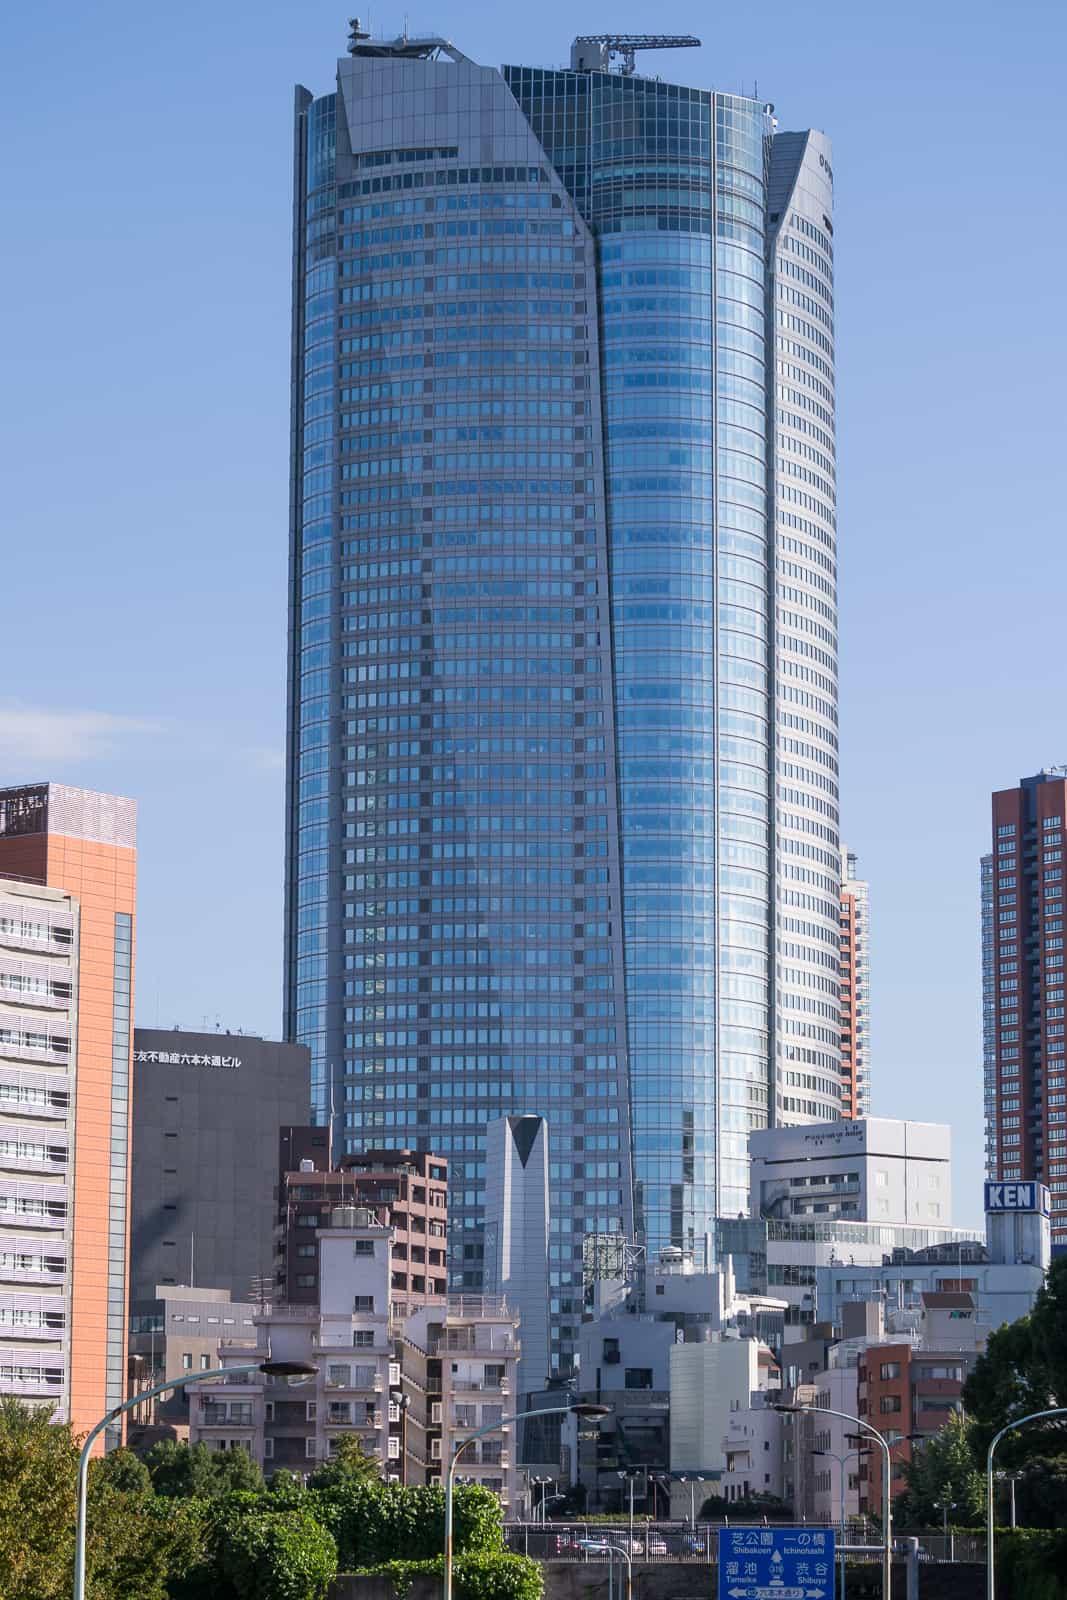 10 ทาวเวอร์ในญี่ปุ่น : Roppongi Hills Mori Tower (六本木ヒルズ森タワー)